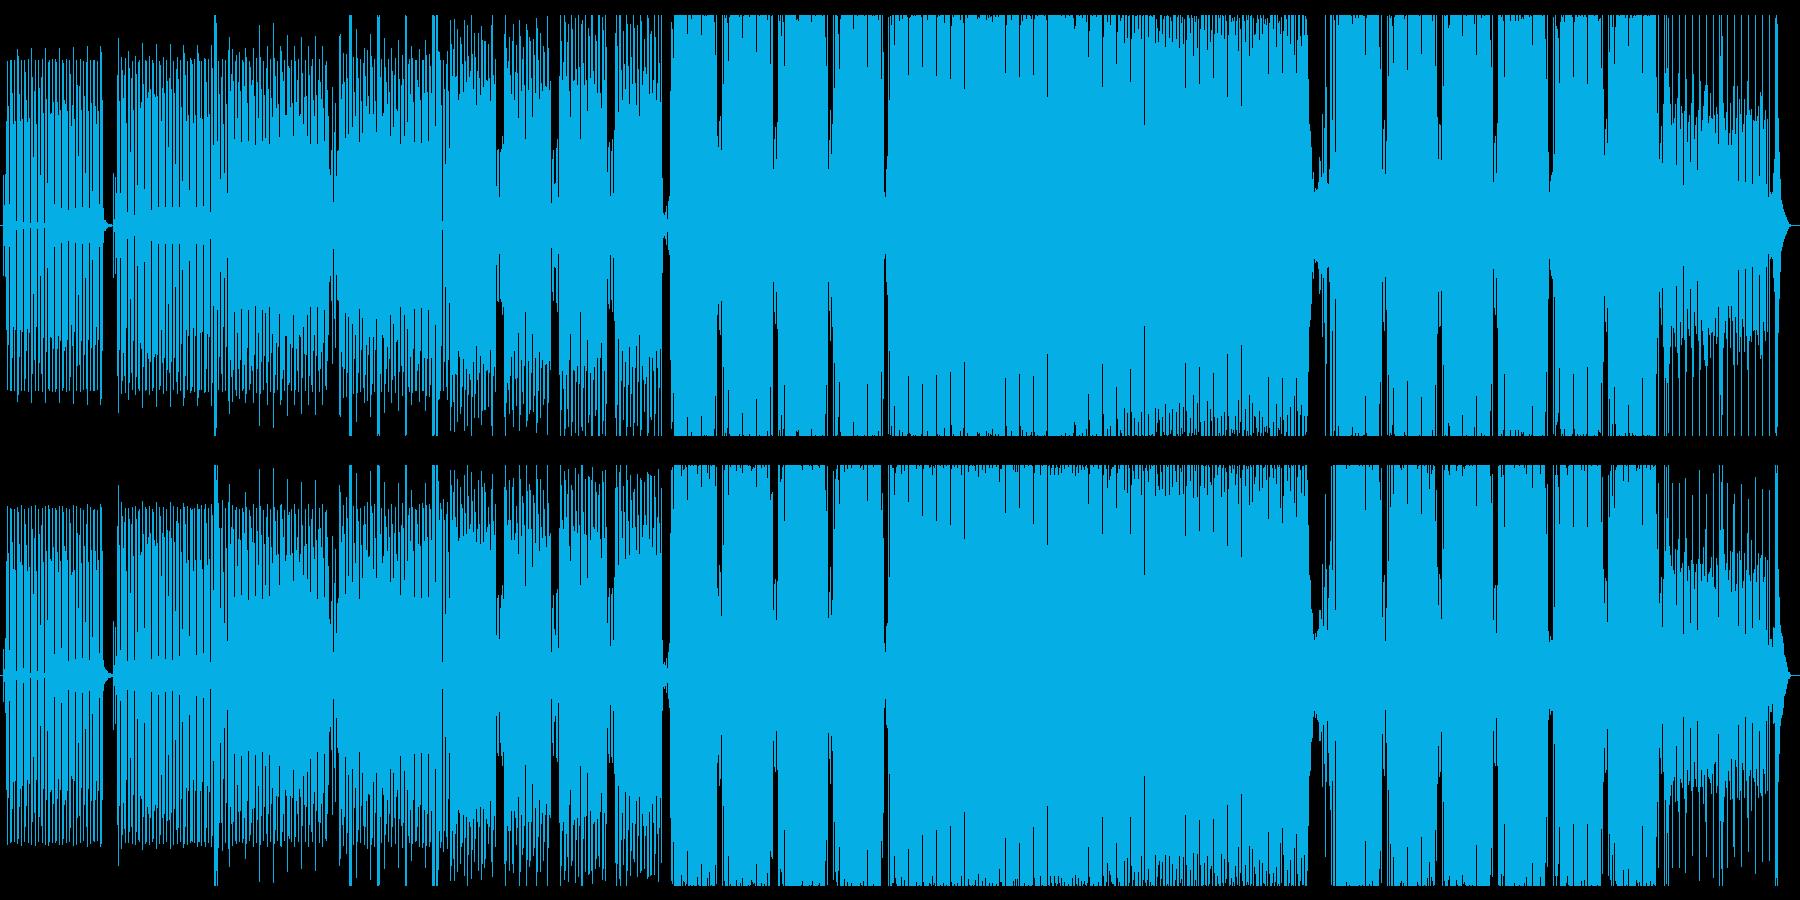 ホラー的な雰囲気のテクノの再生済みの波形